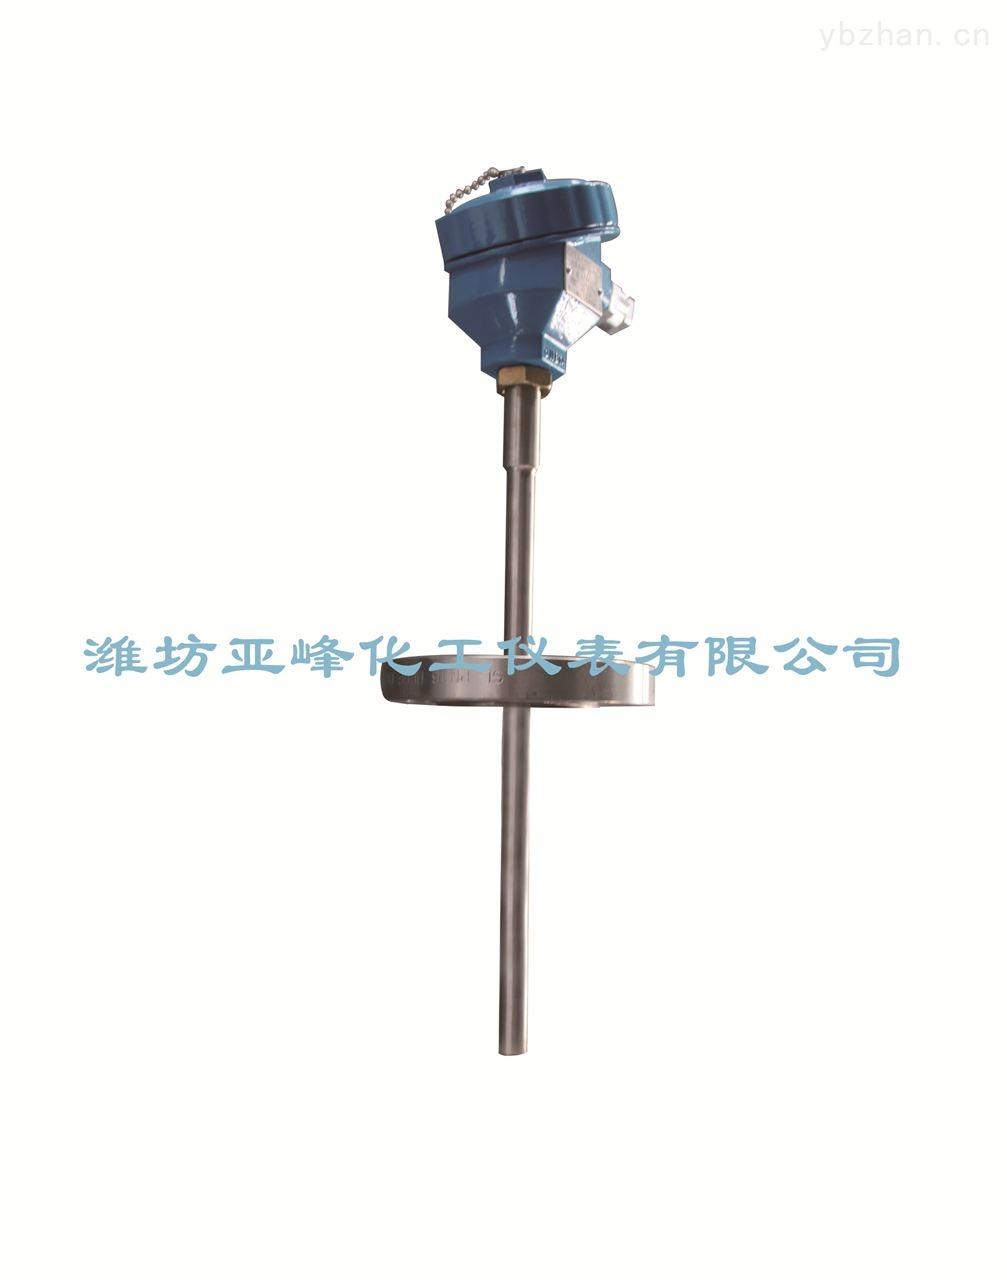 裝配式熱電阻特點